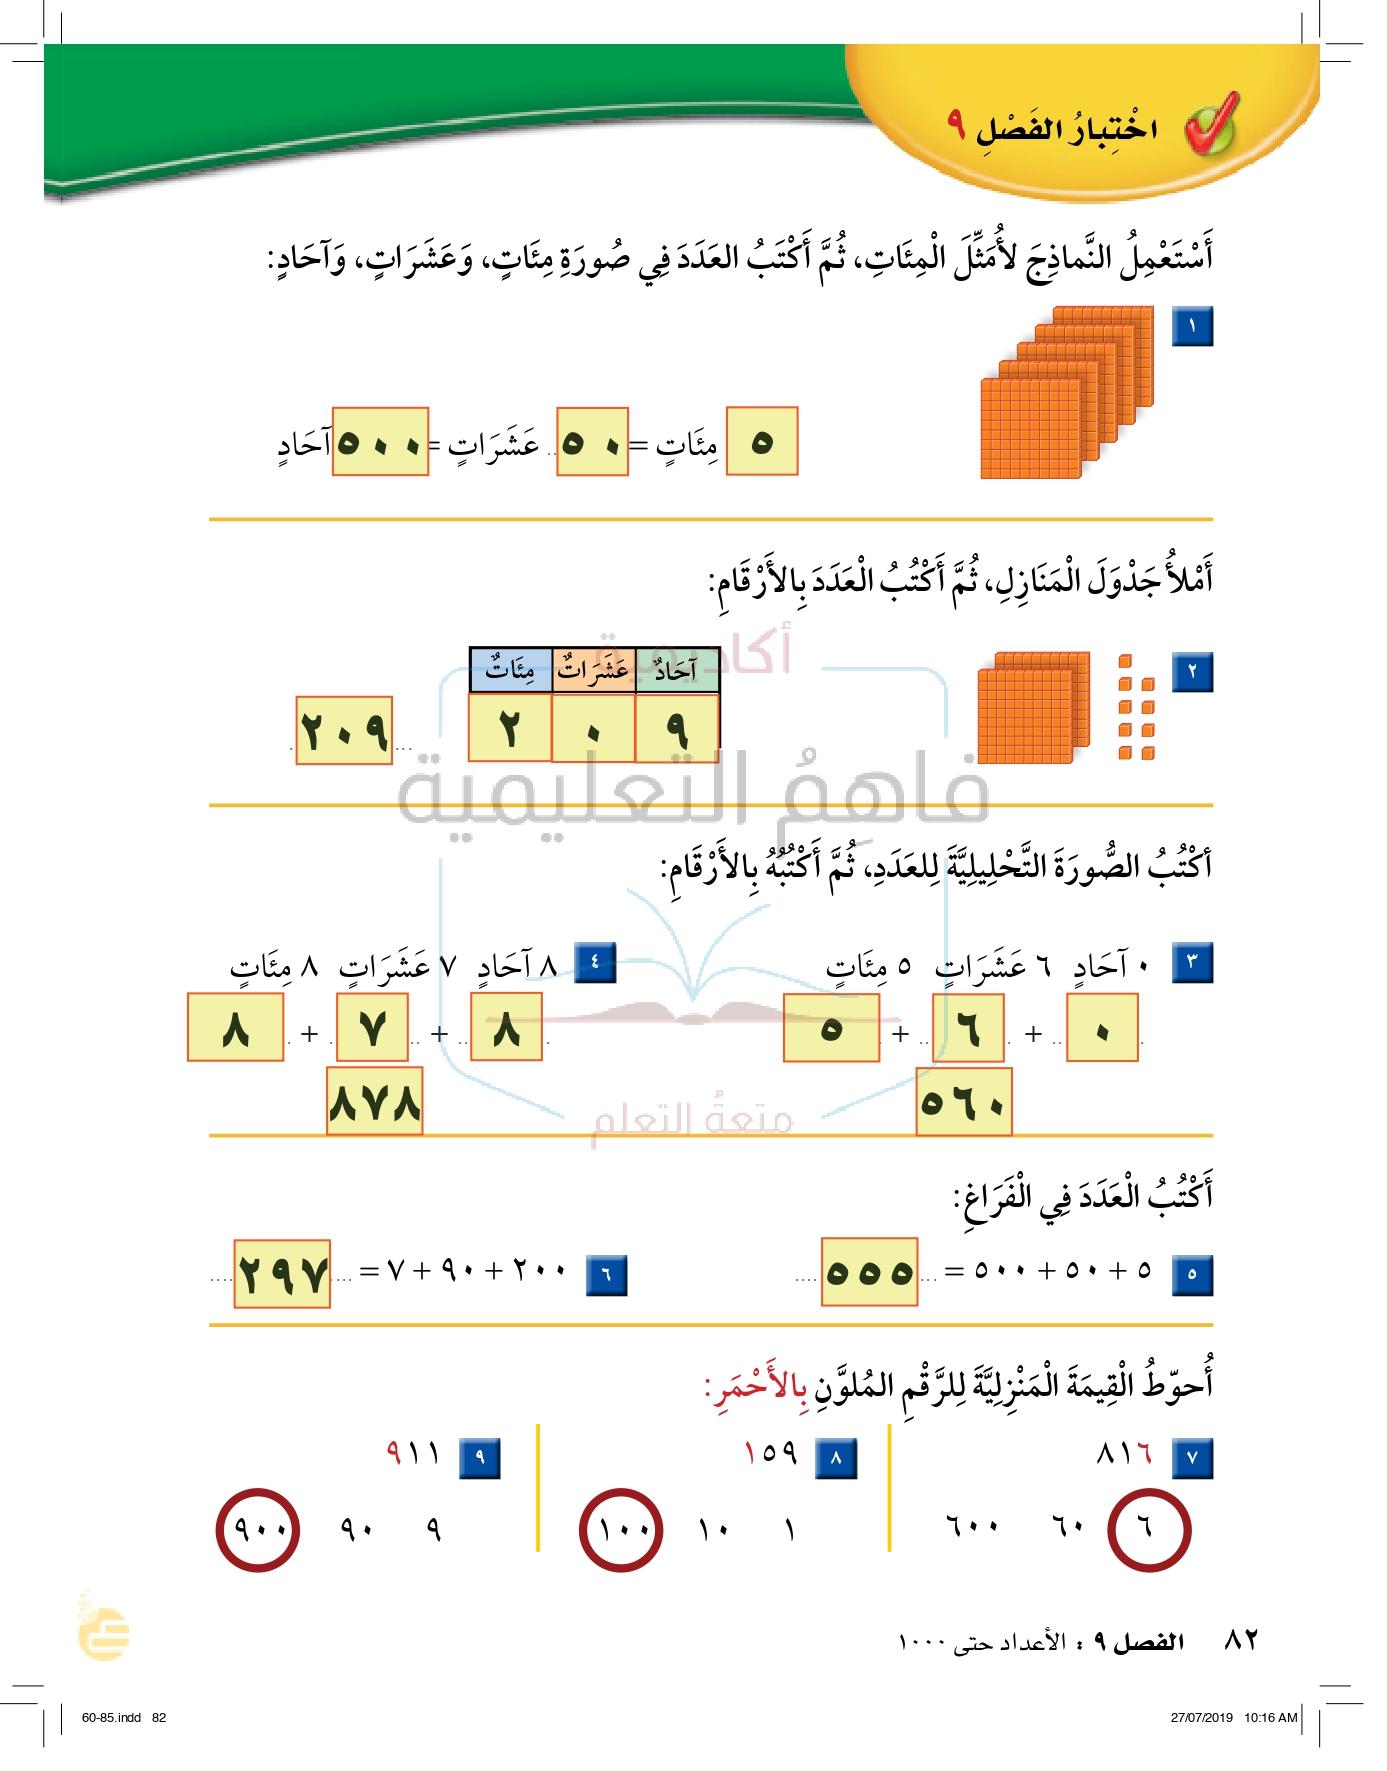 حل رياضيات ثاني ابتدائي الفصل الدراسي الاول